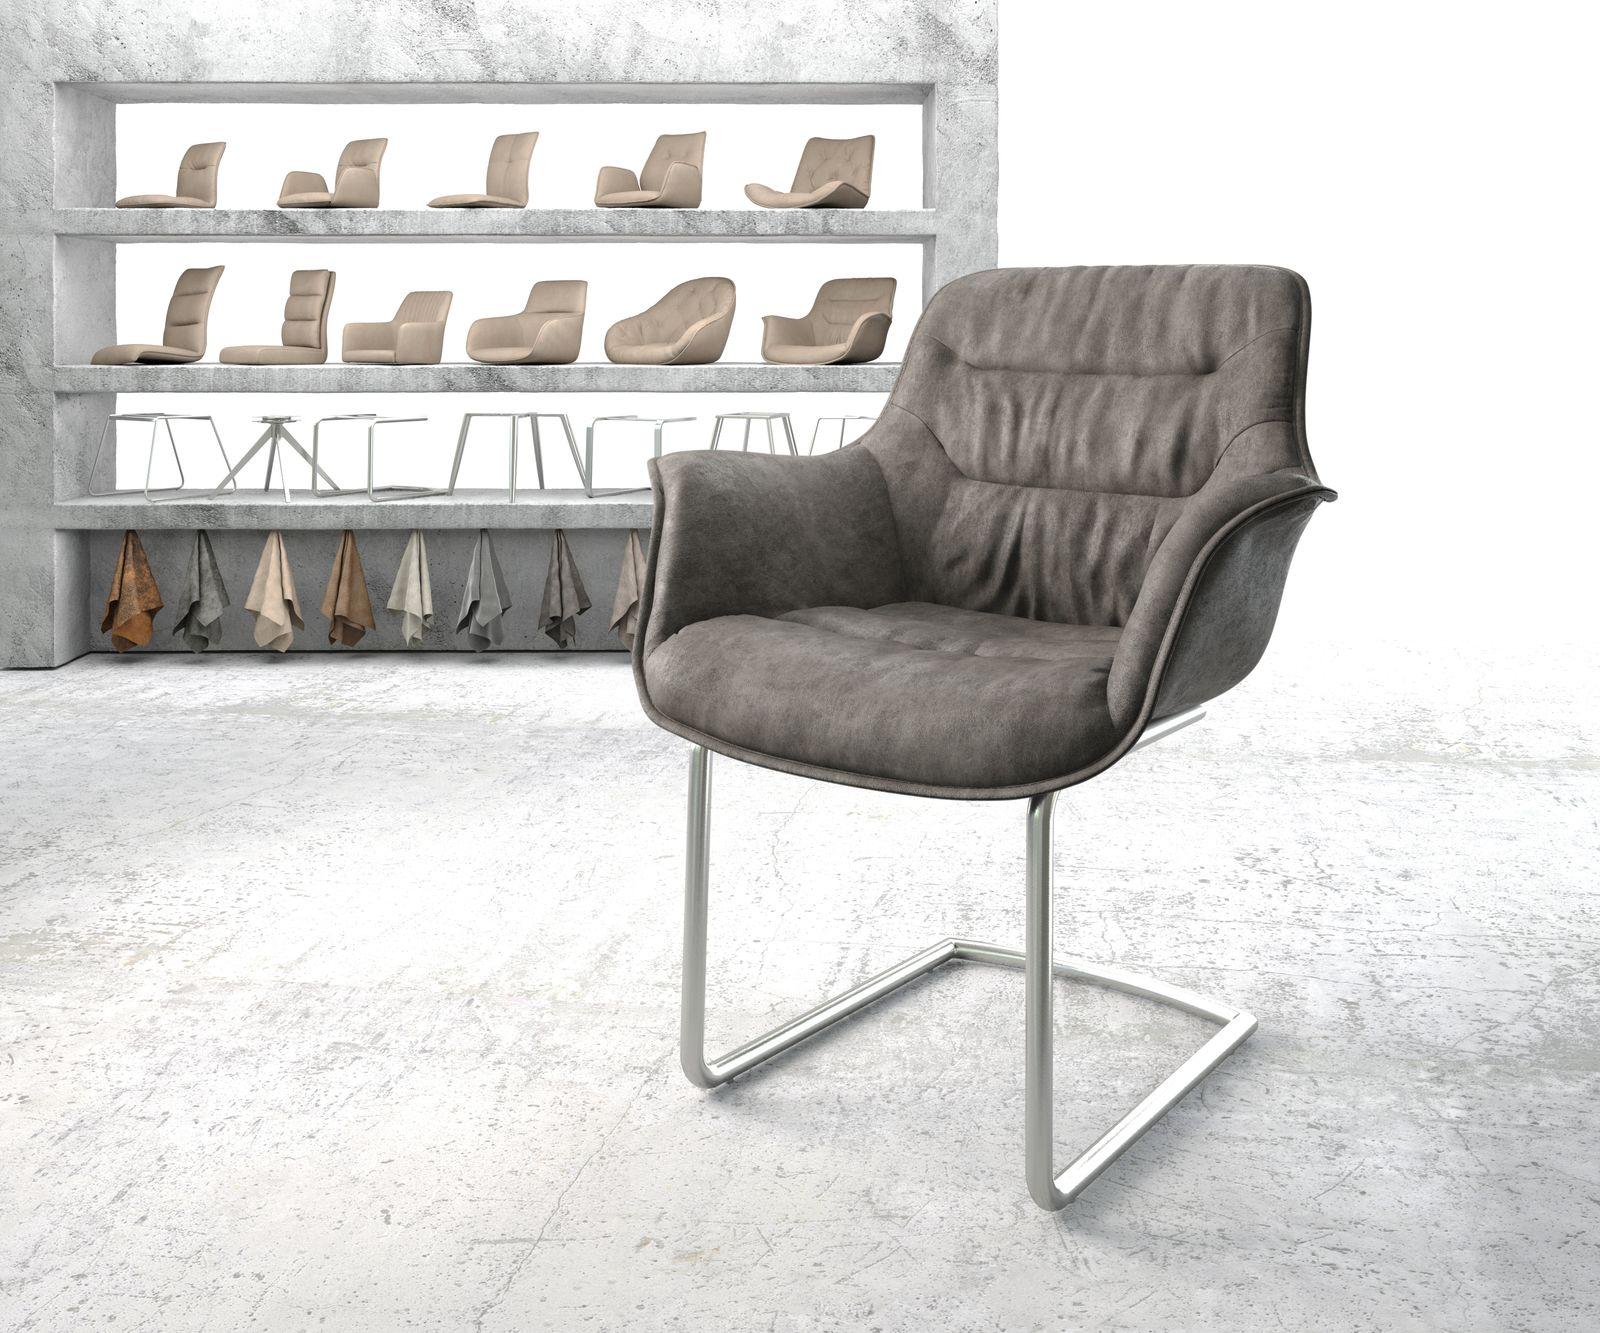 delife-armlehnstuhl-kaira-flex-anthrazit-vintage-freischwinger-rund-edelstahl-esszimmerstuhle